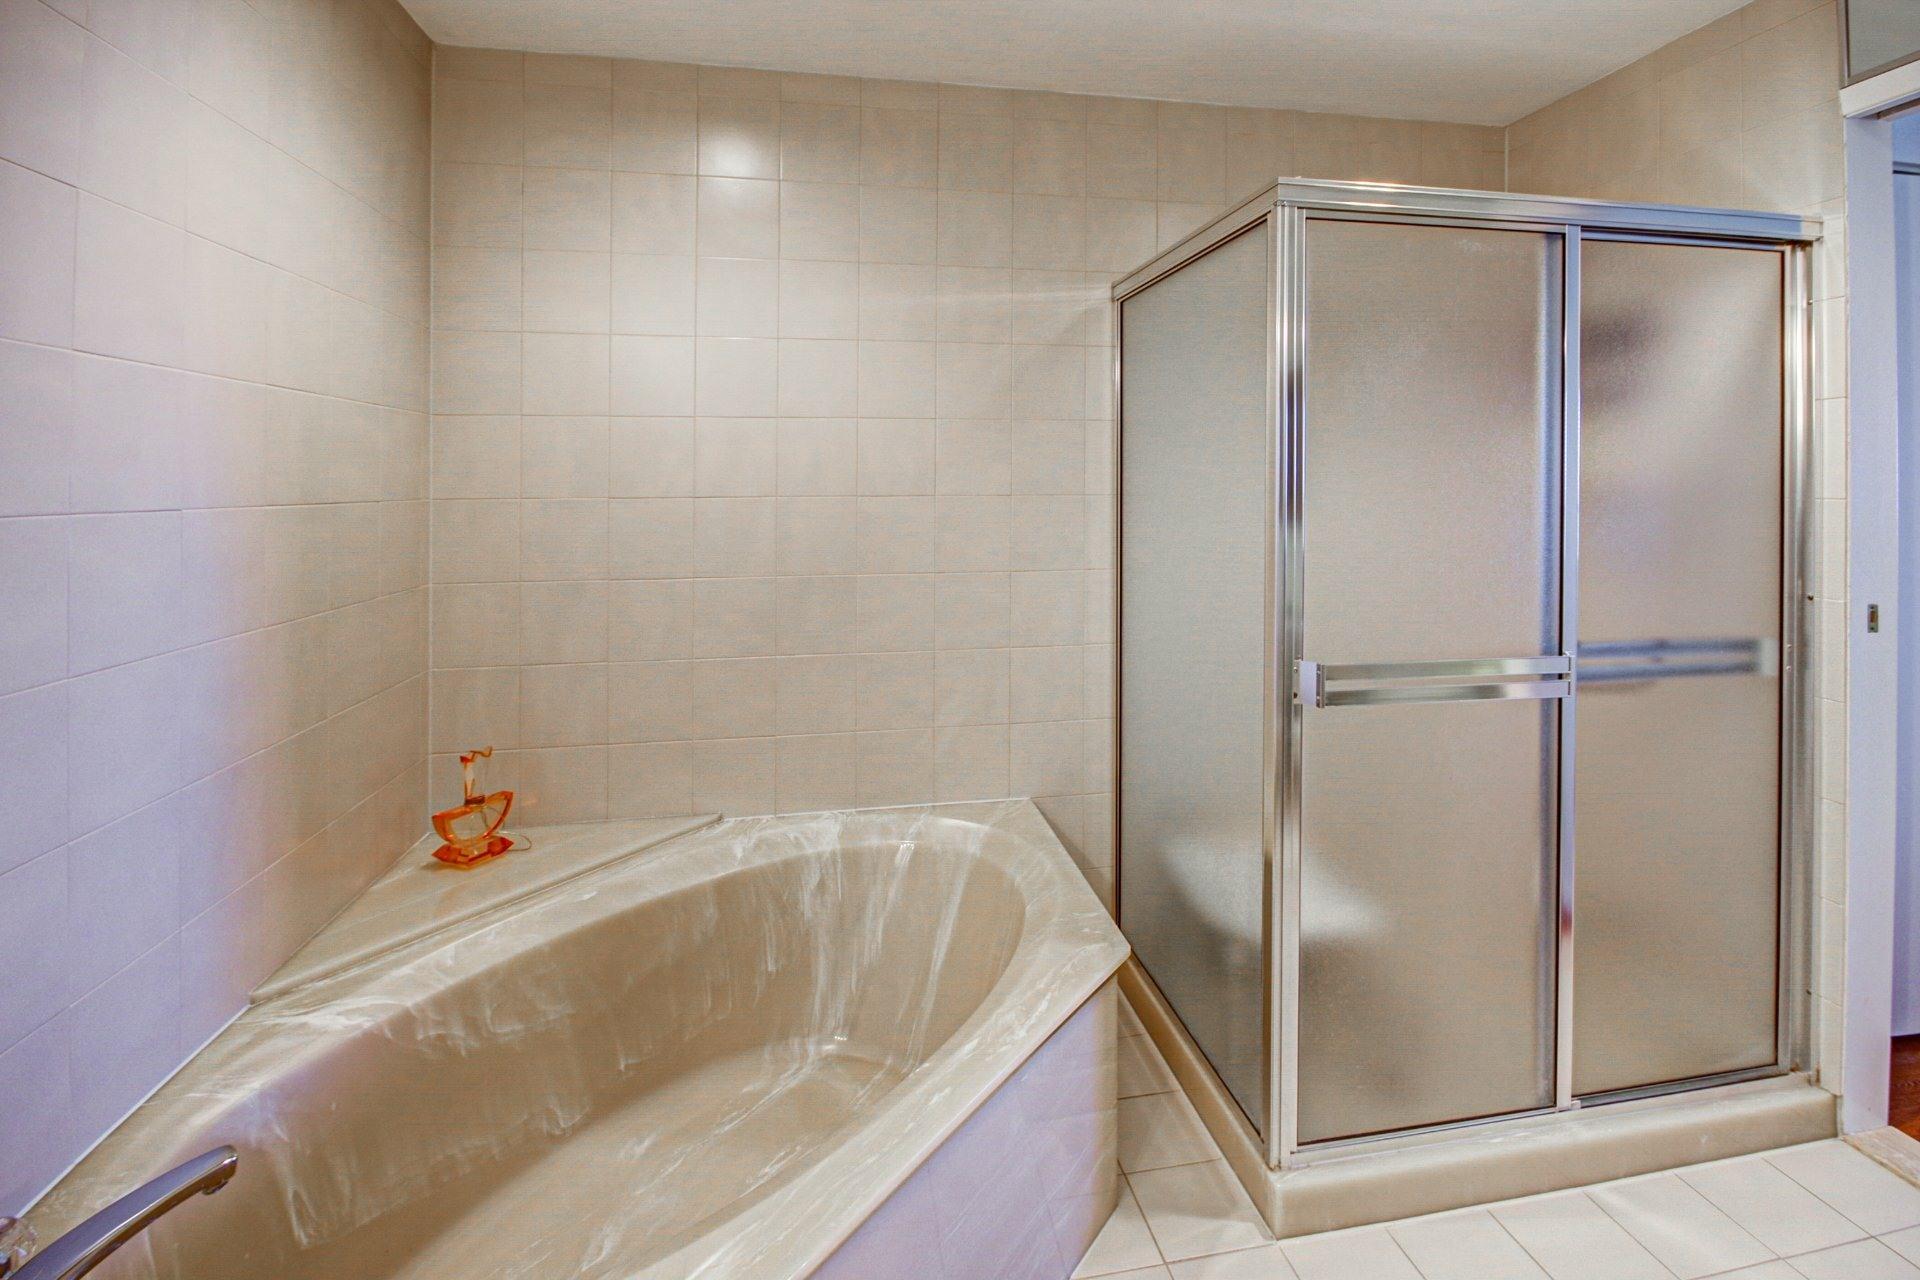 image 47 - Apartment For sale Côte-des-Neiges/Notre-Dame-de-Grâce Montréal  - 5 rooms